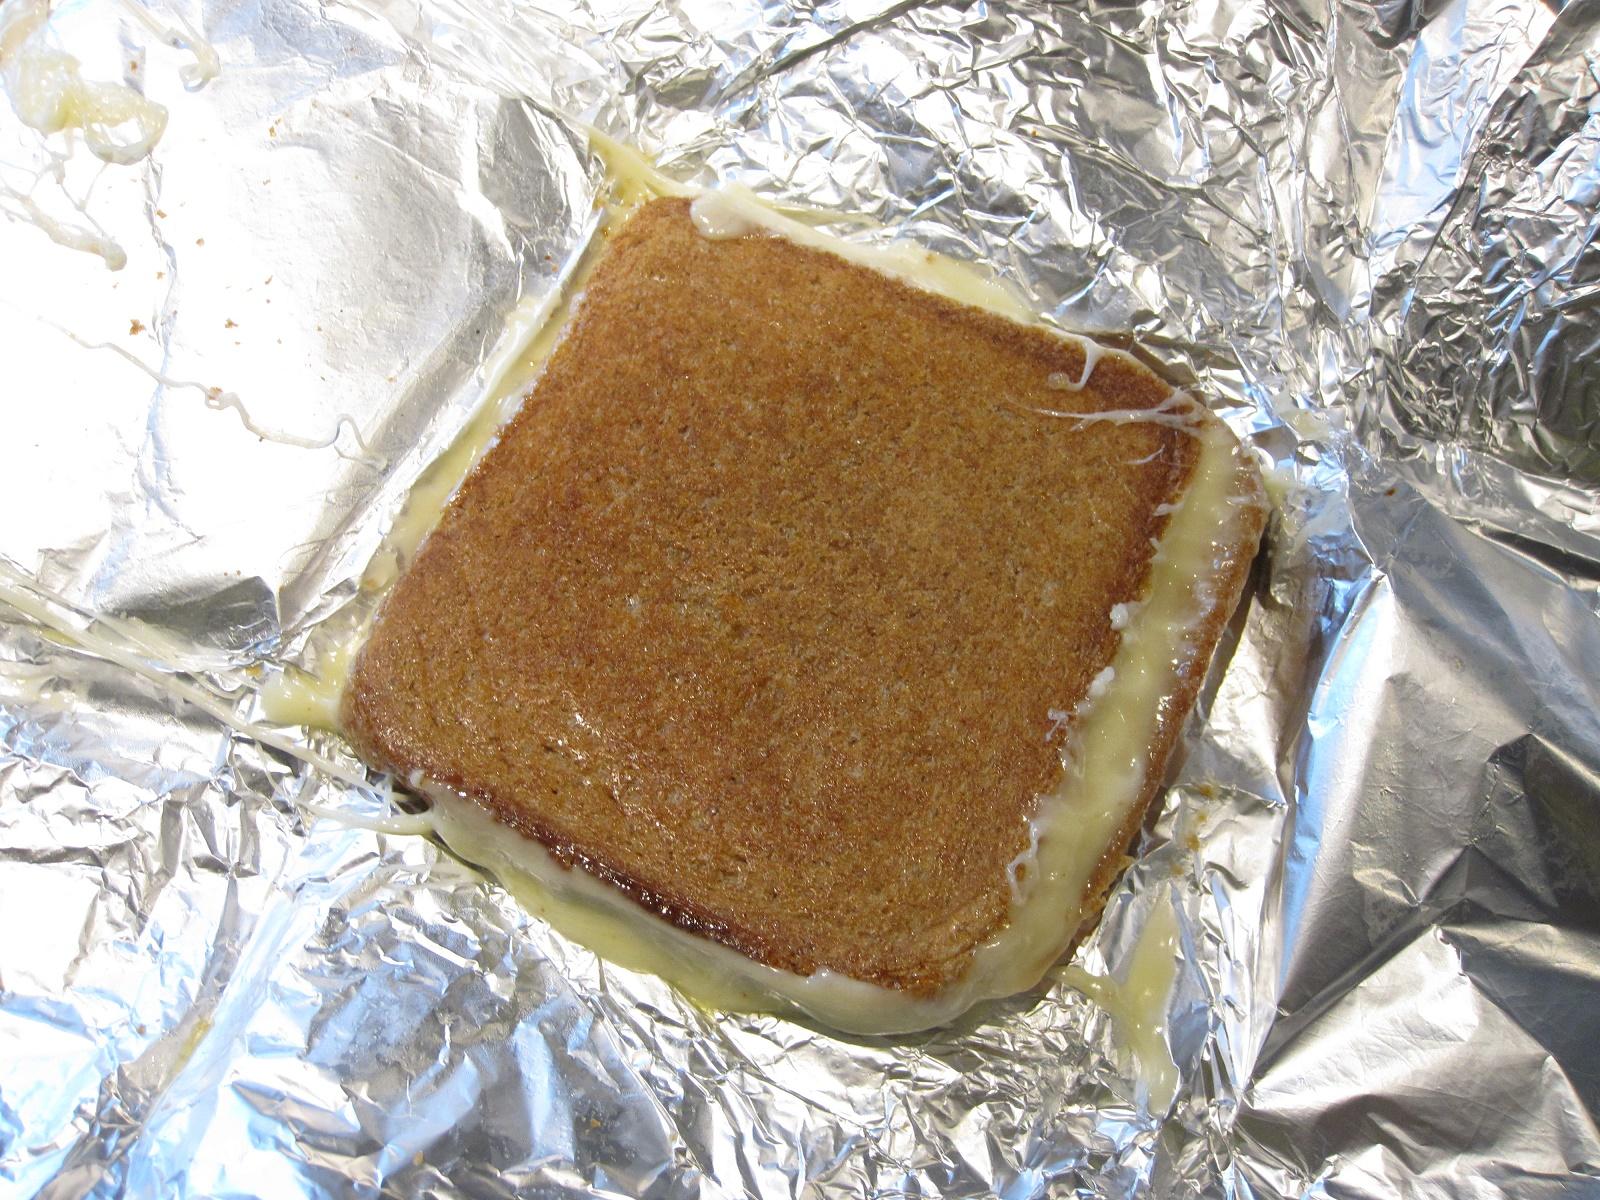 Strygejerns toast